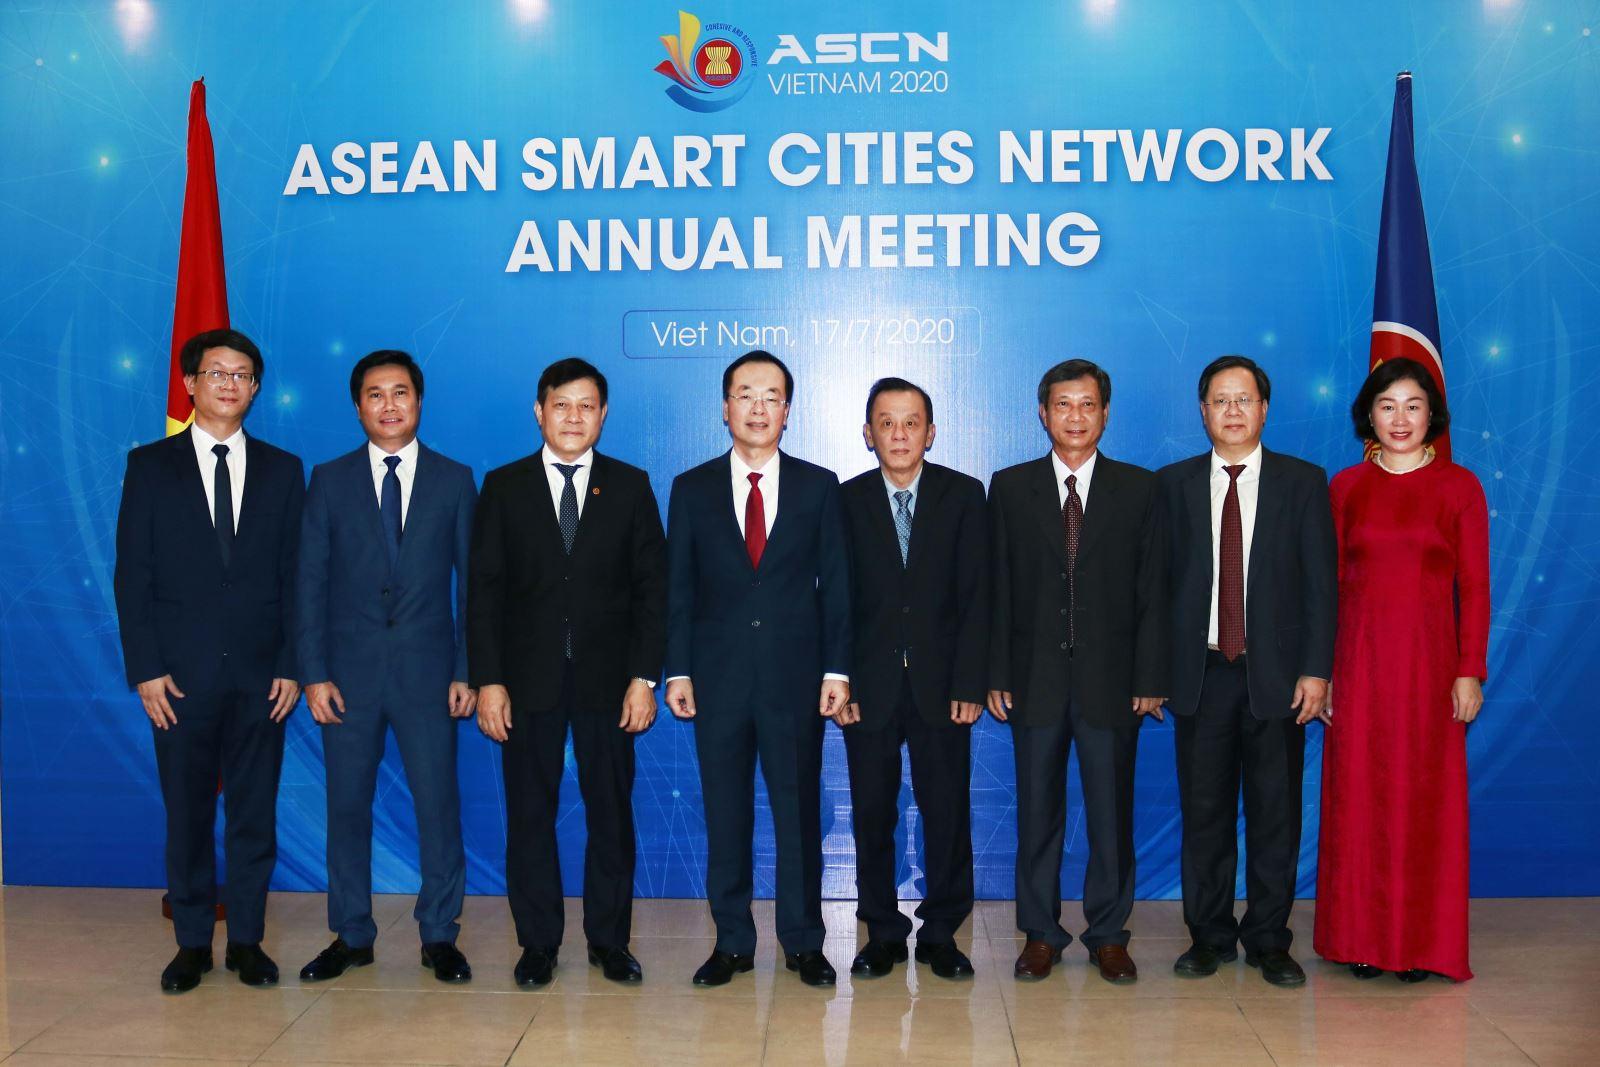 Bộ trưởng Phạm Hồng Hà chụp ảnh lưu niệm cùng các đại biểu dự Hội nghị